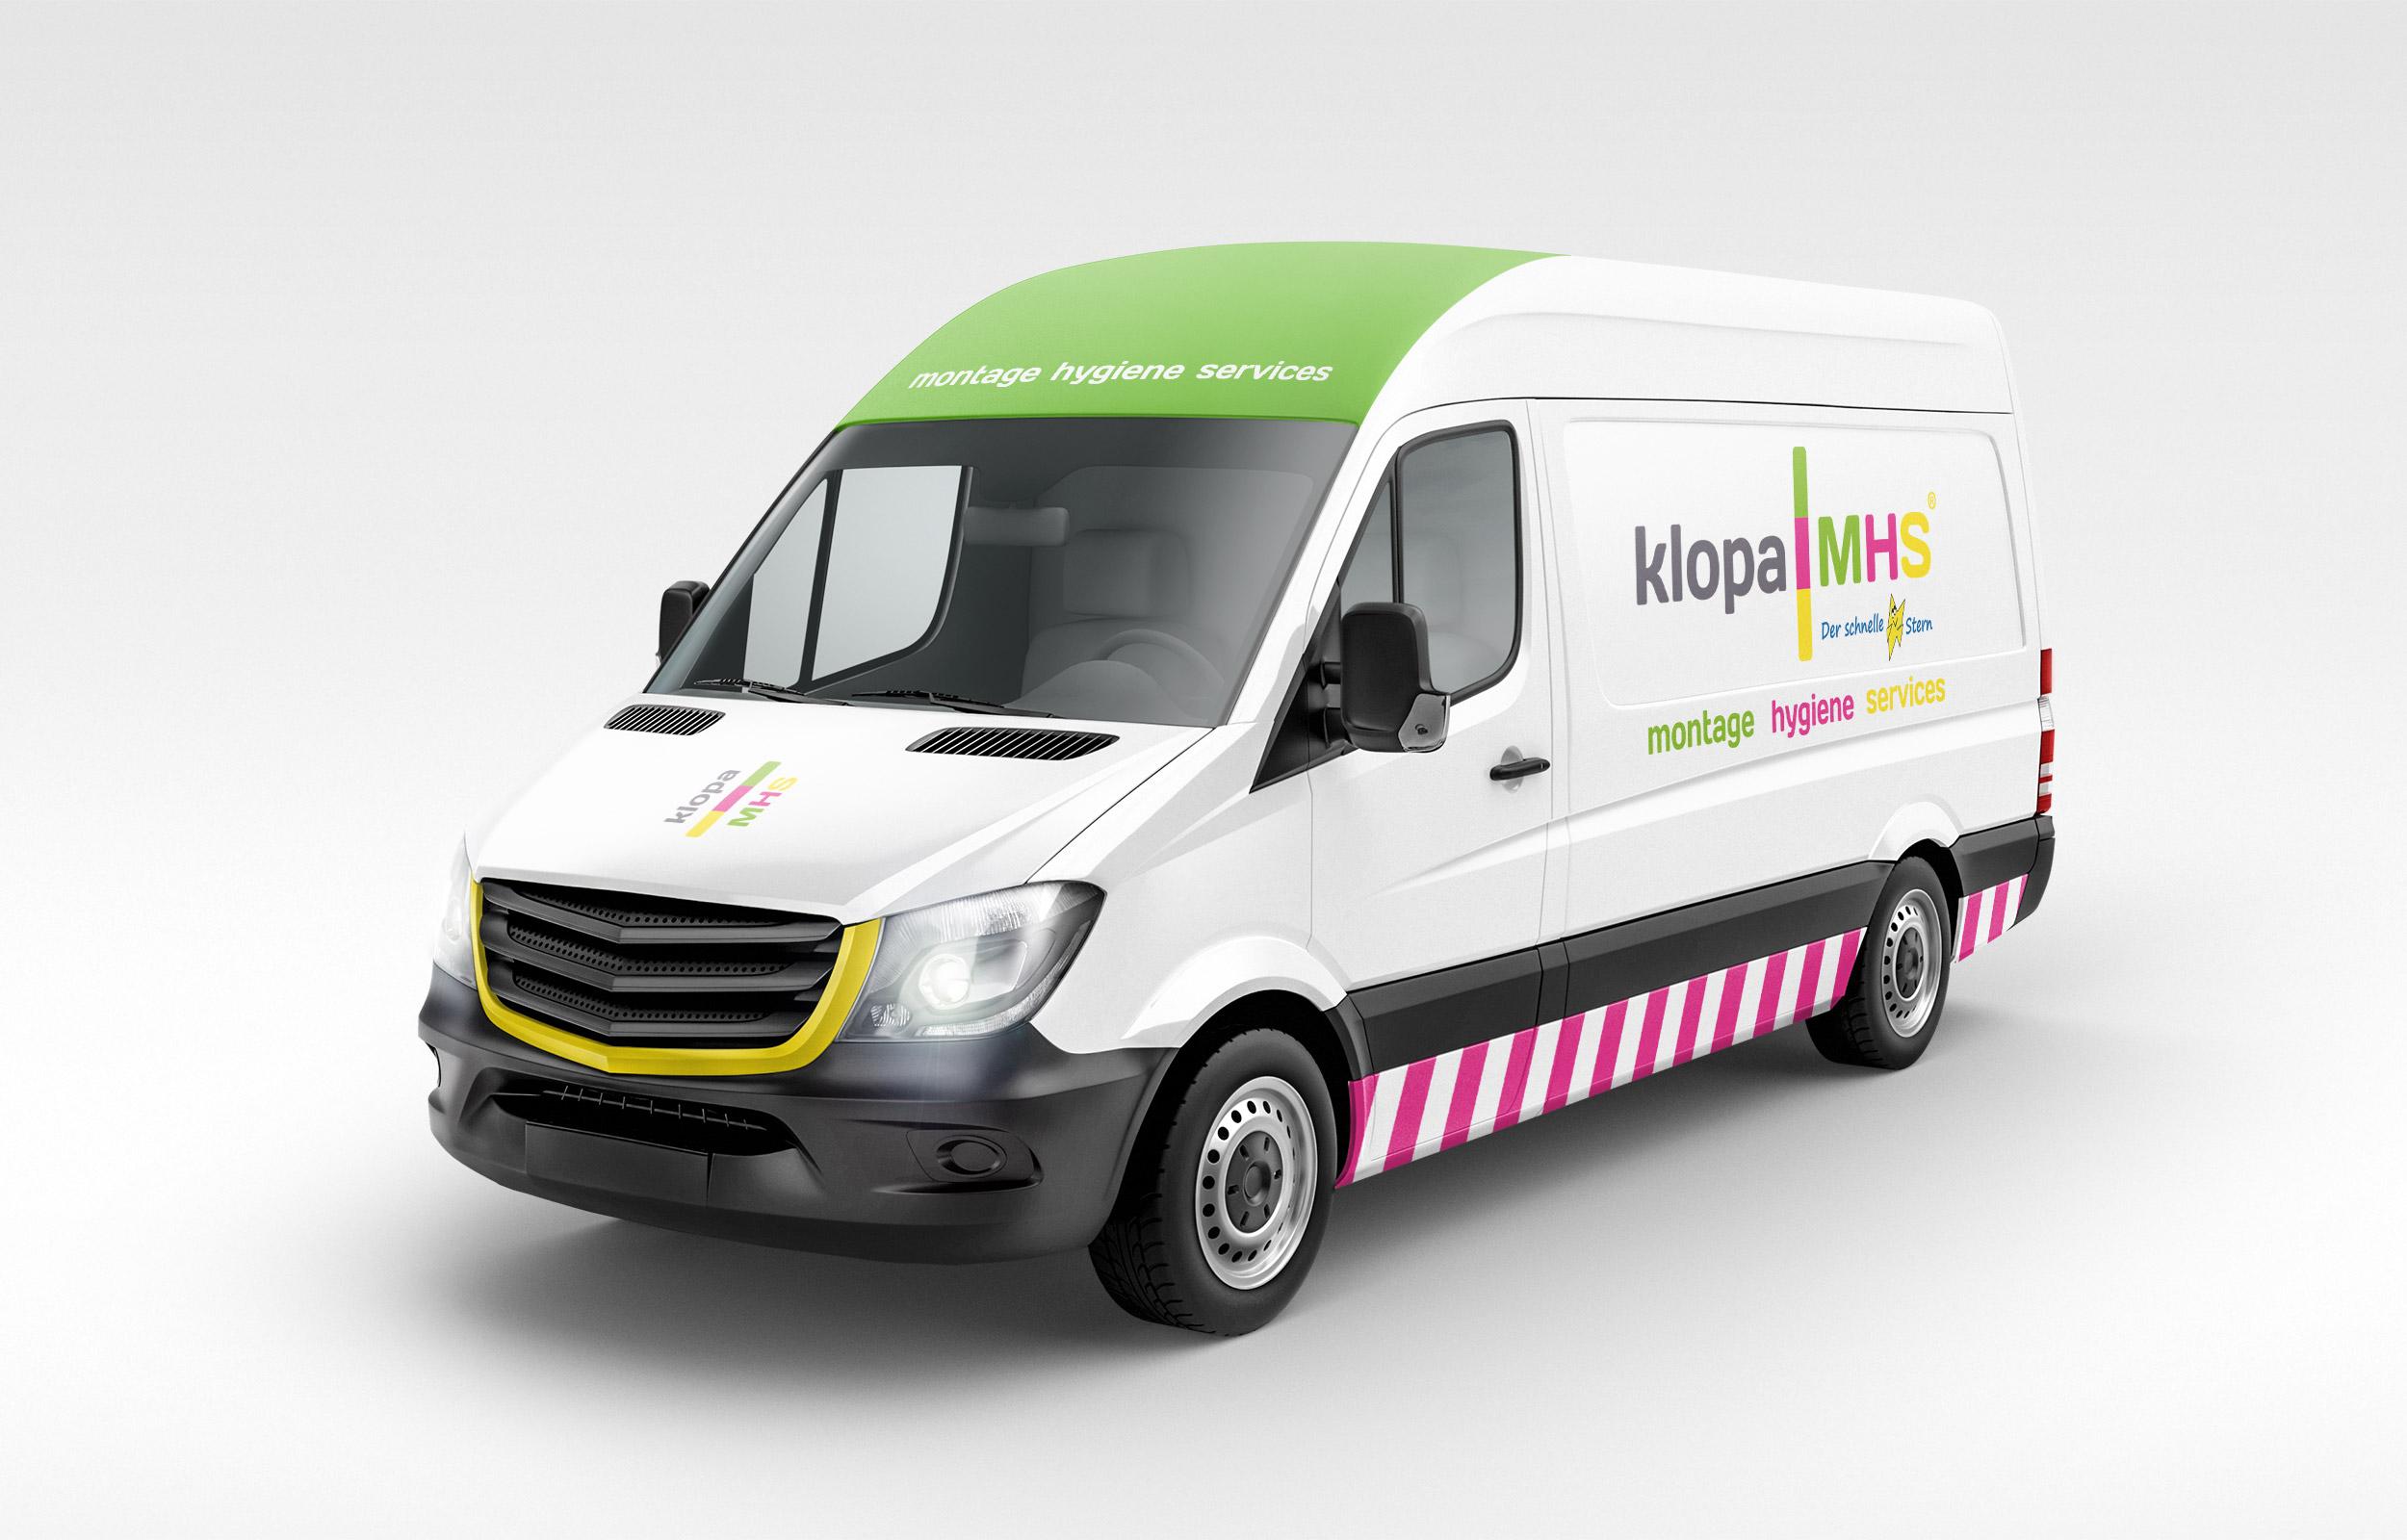 Klopa MHS - Fahrzeugbeschriftung